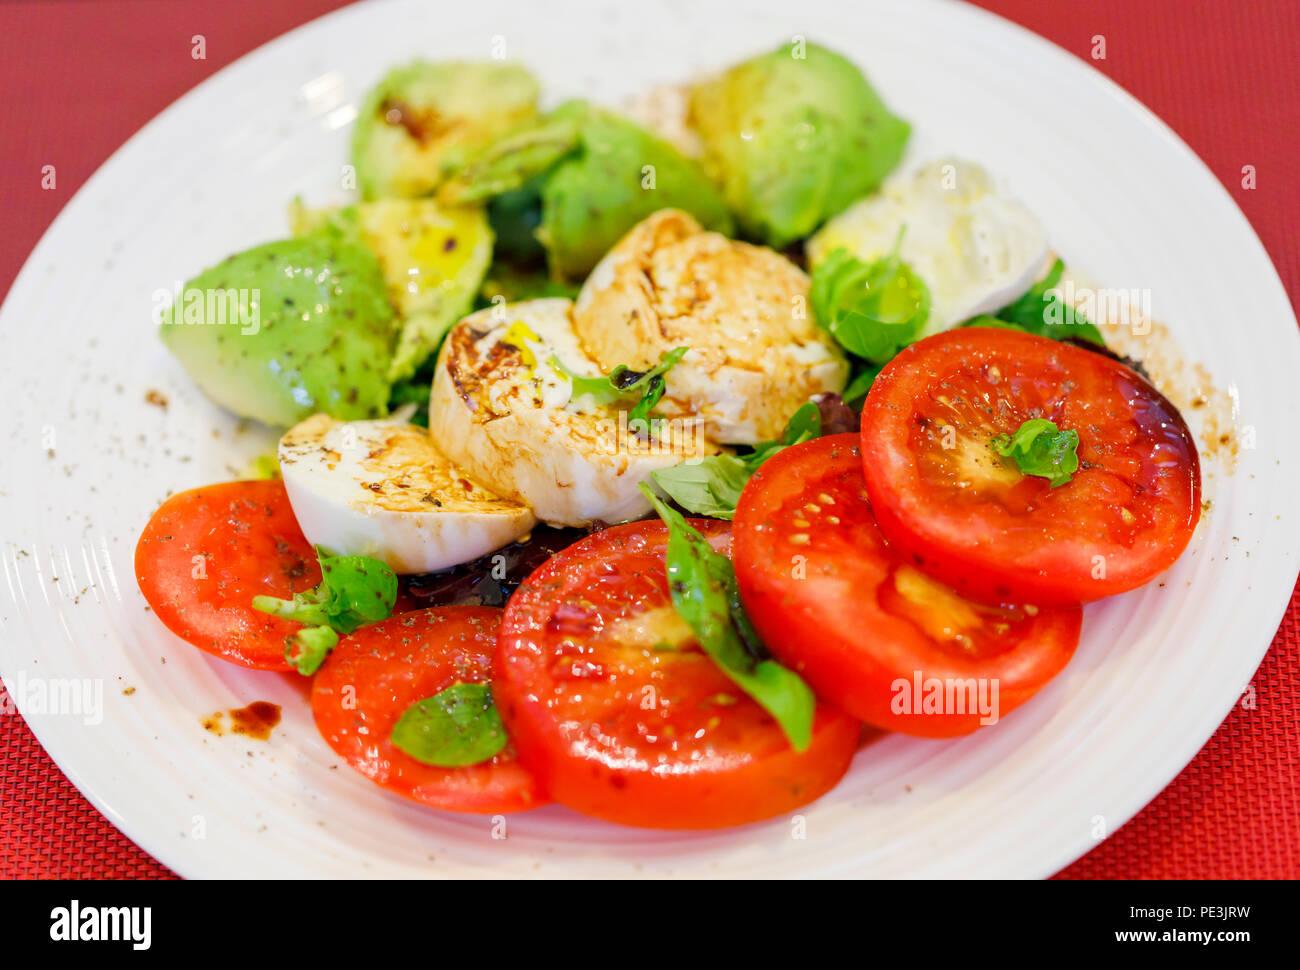 Uno stile di vita sano: tipica dieta mediterranea, Insalata tricolore ingredienti fette di pomodori rossi, bianco mozzarella di bufala Formaggi e verde avocado pera Immagini Stock